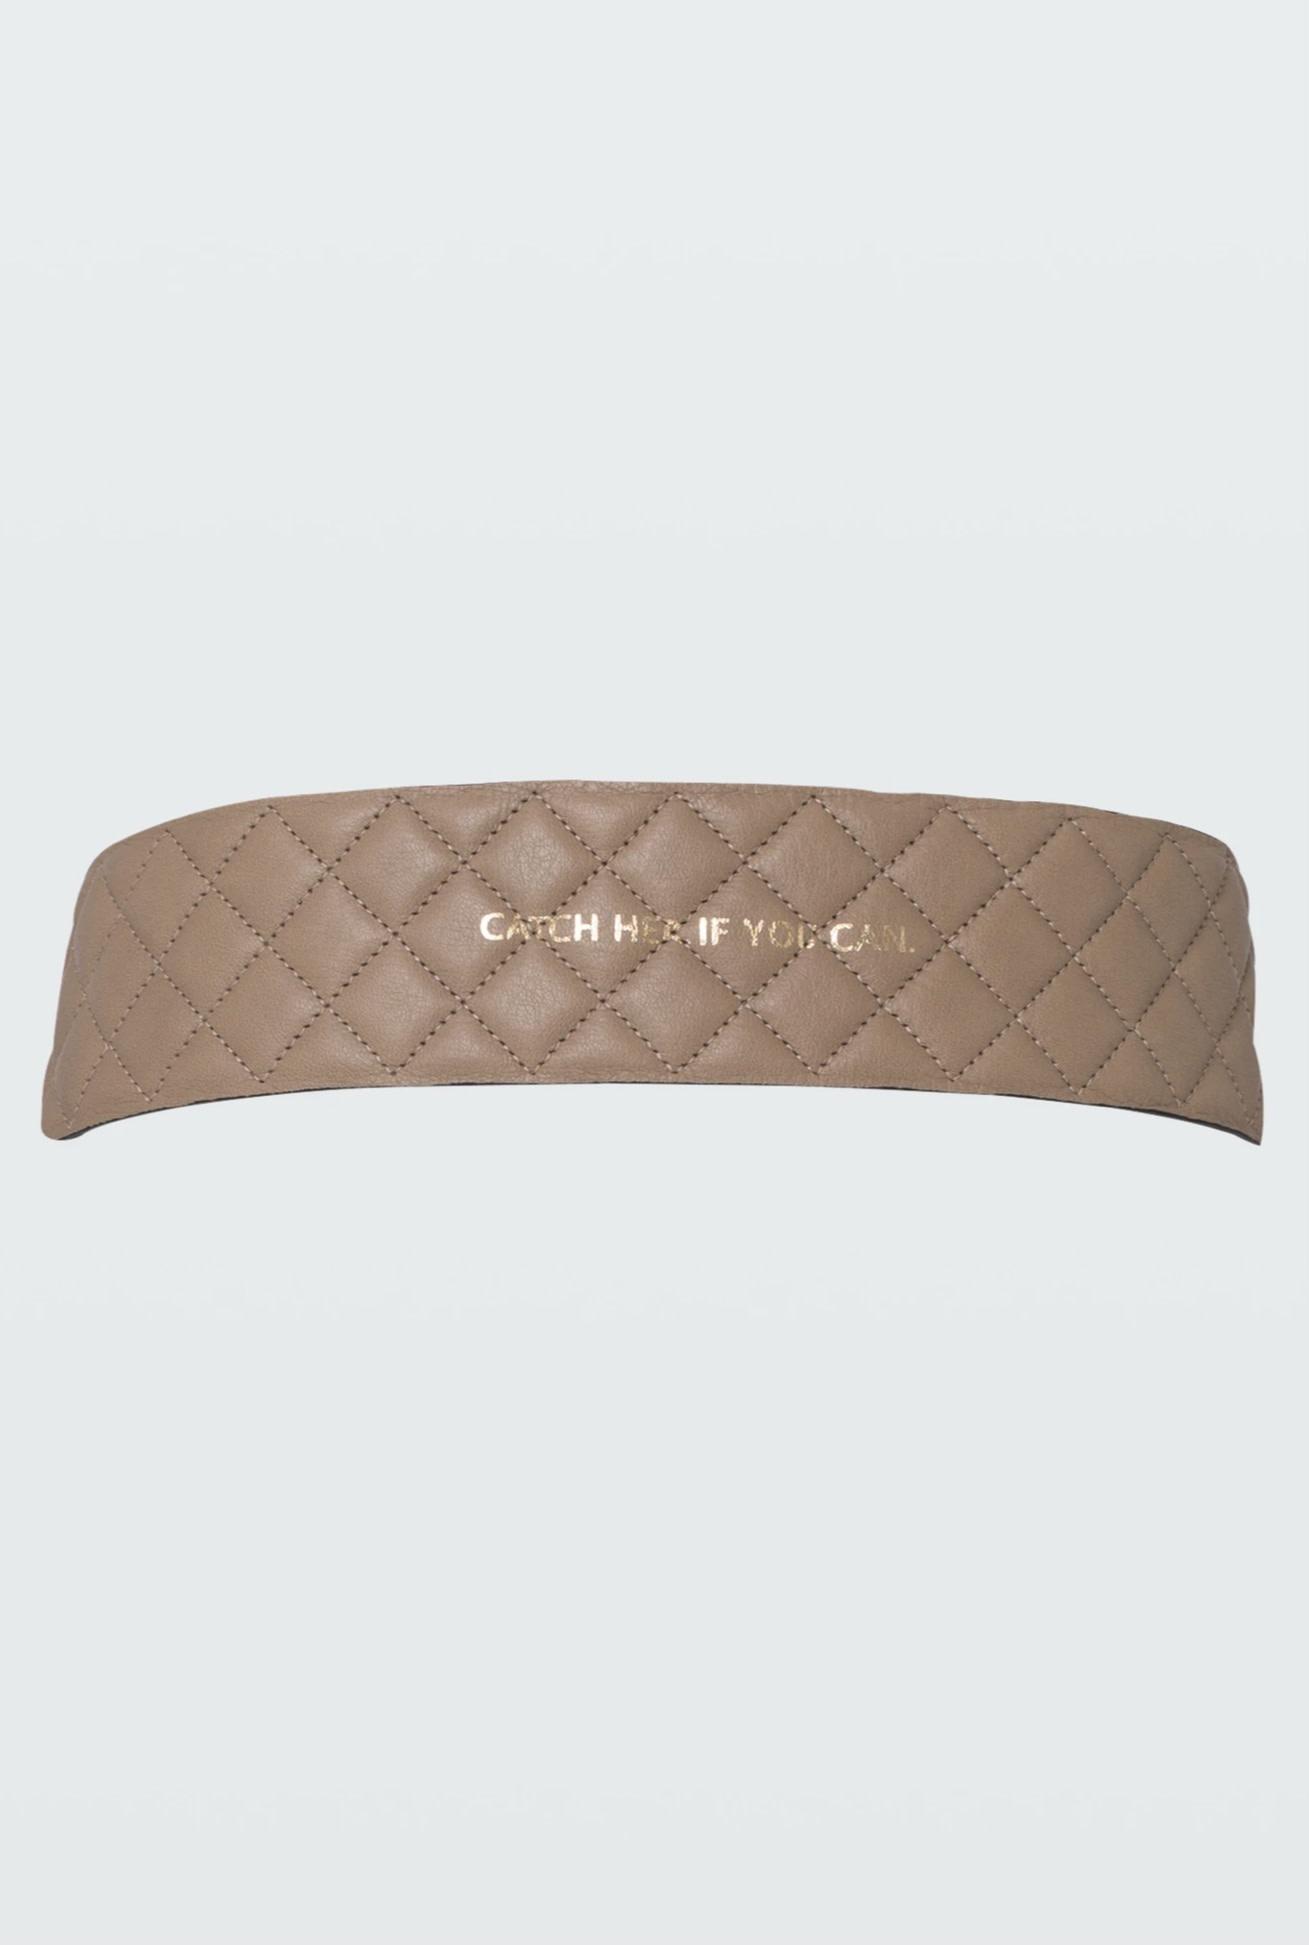 Stitch sensation belt dorothee schumacher-7